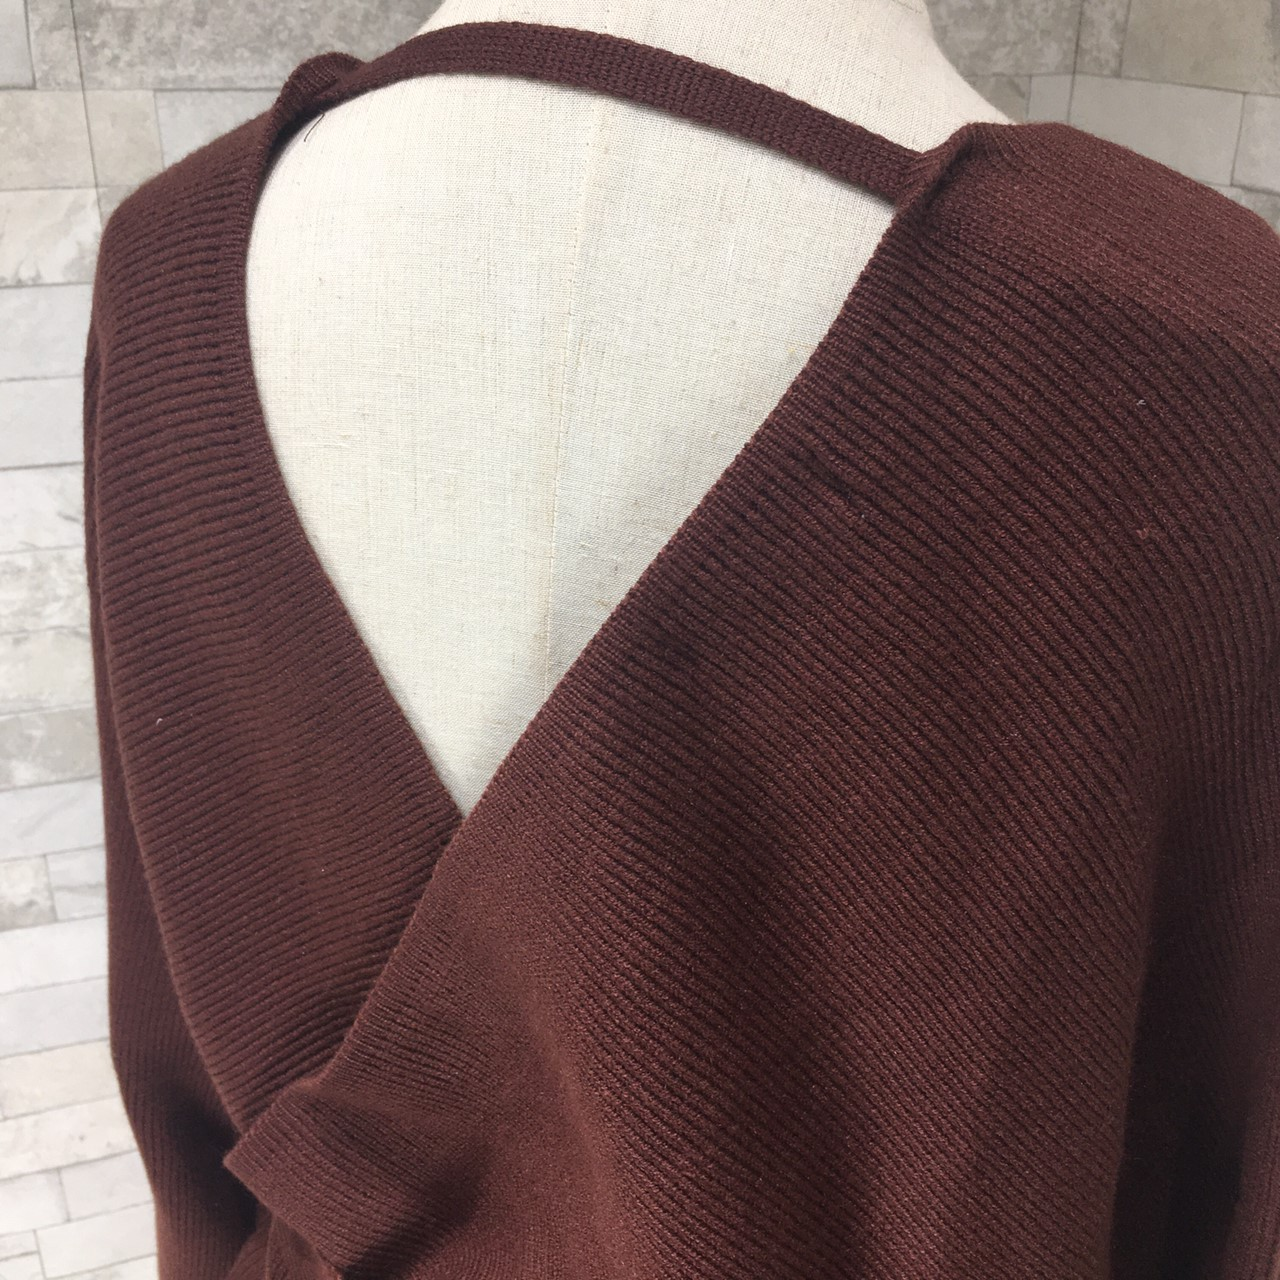 韓国 ファッション セットアップ 秋 冬 春 カジュアル PTXG298  ペプラム ゆったり リブ チュールスカート オルチャン シンプル 定番 セレカジの写真10枚目